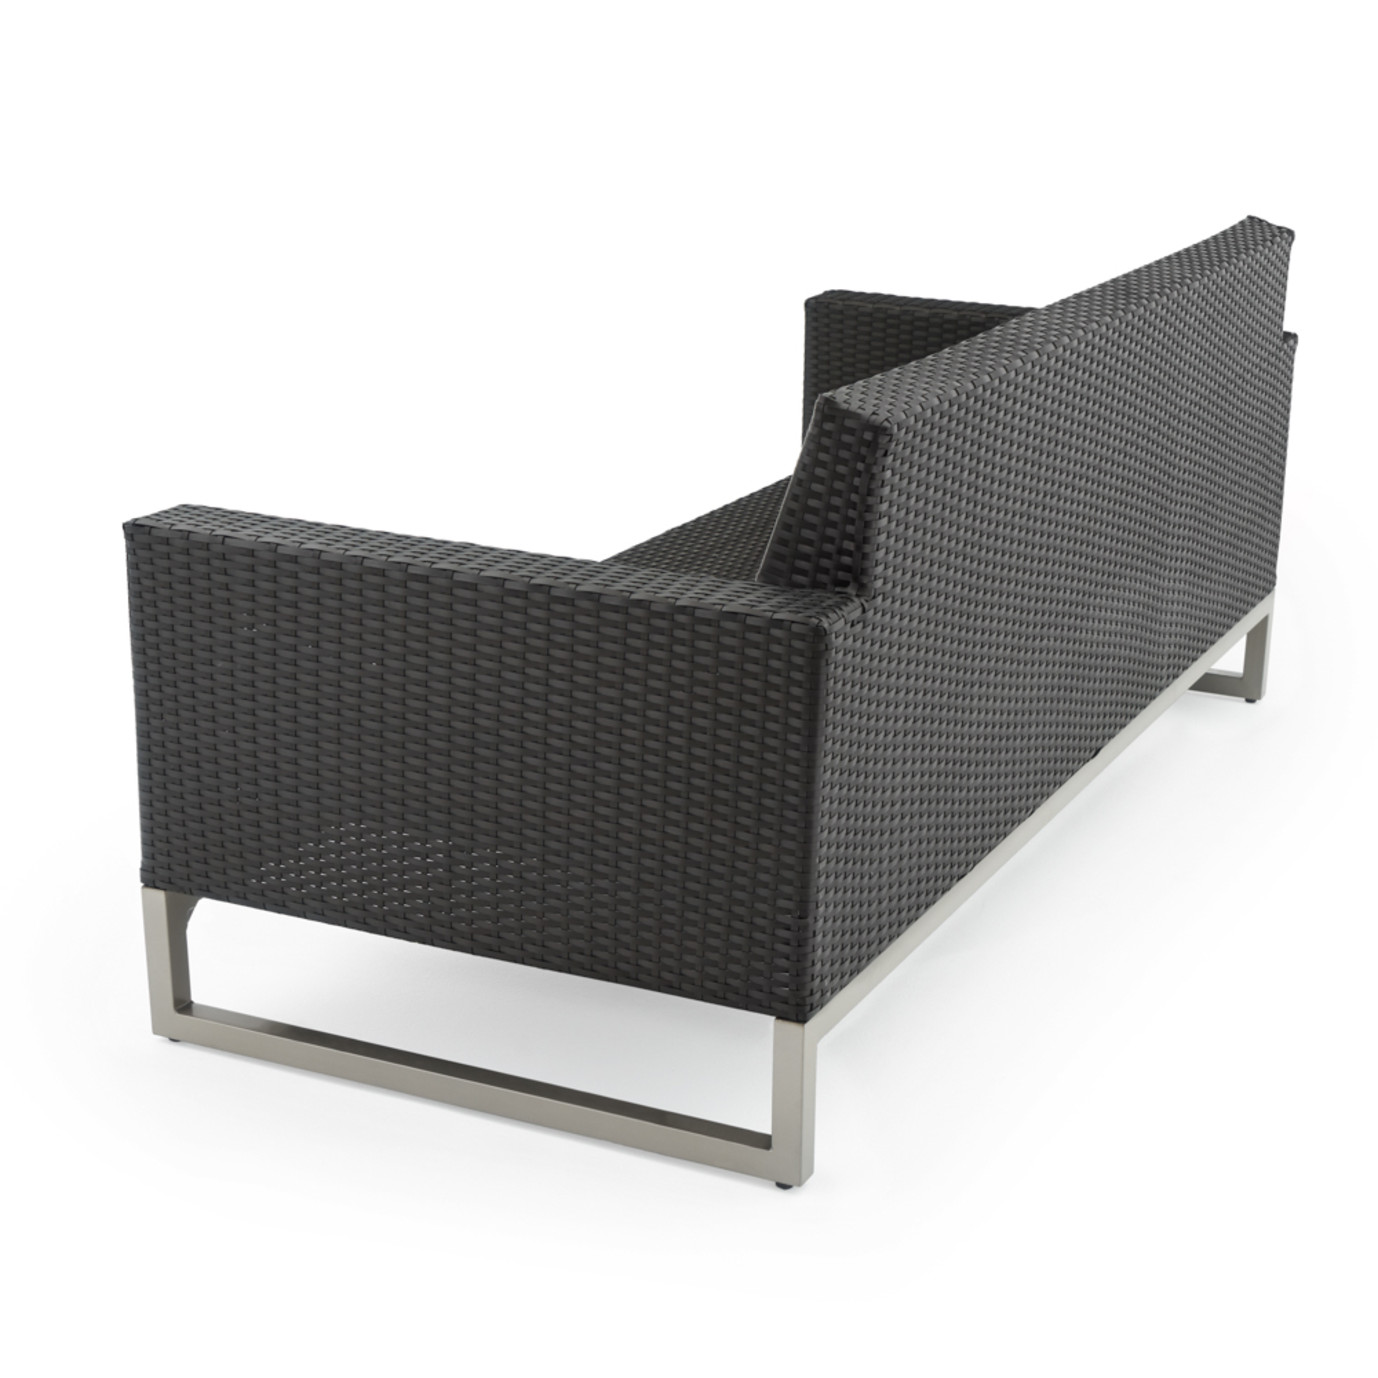 Milo™ Espresso 4pc Seating Set - Maxim Beige